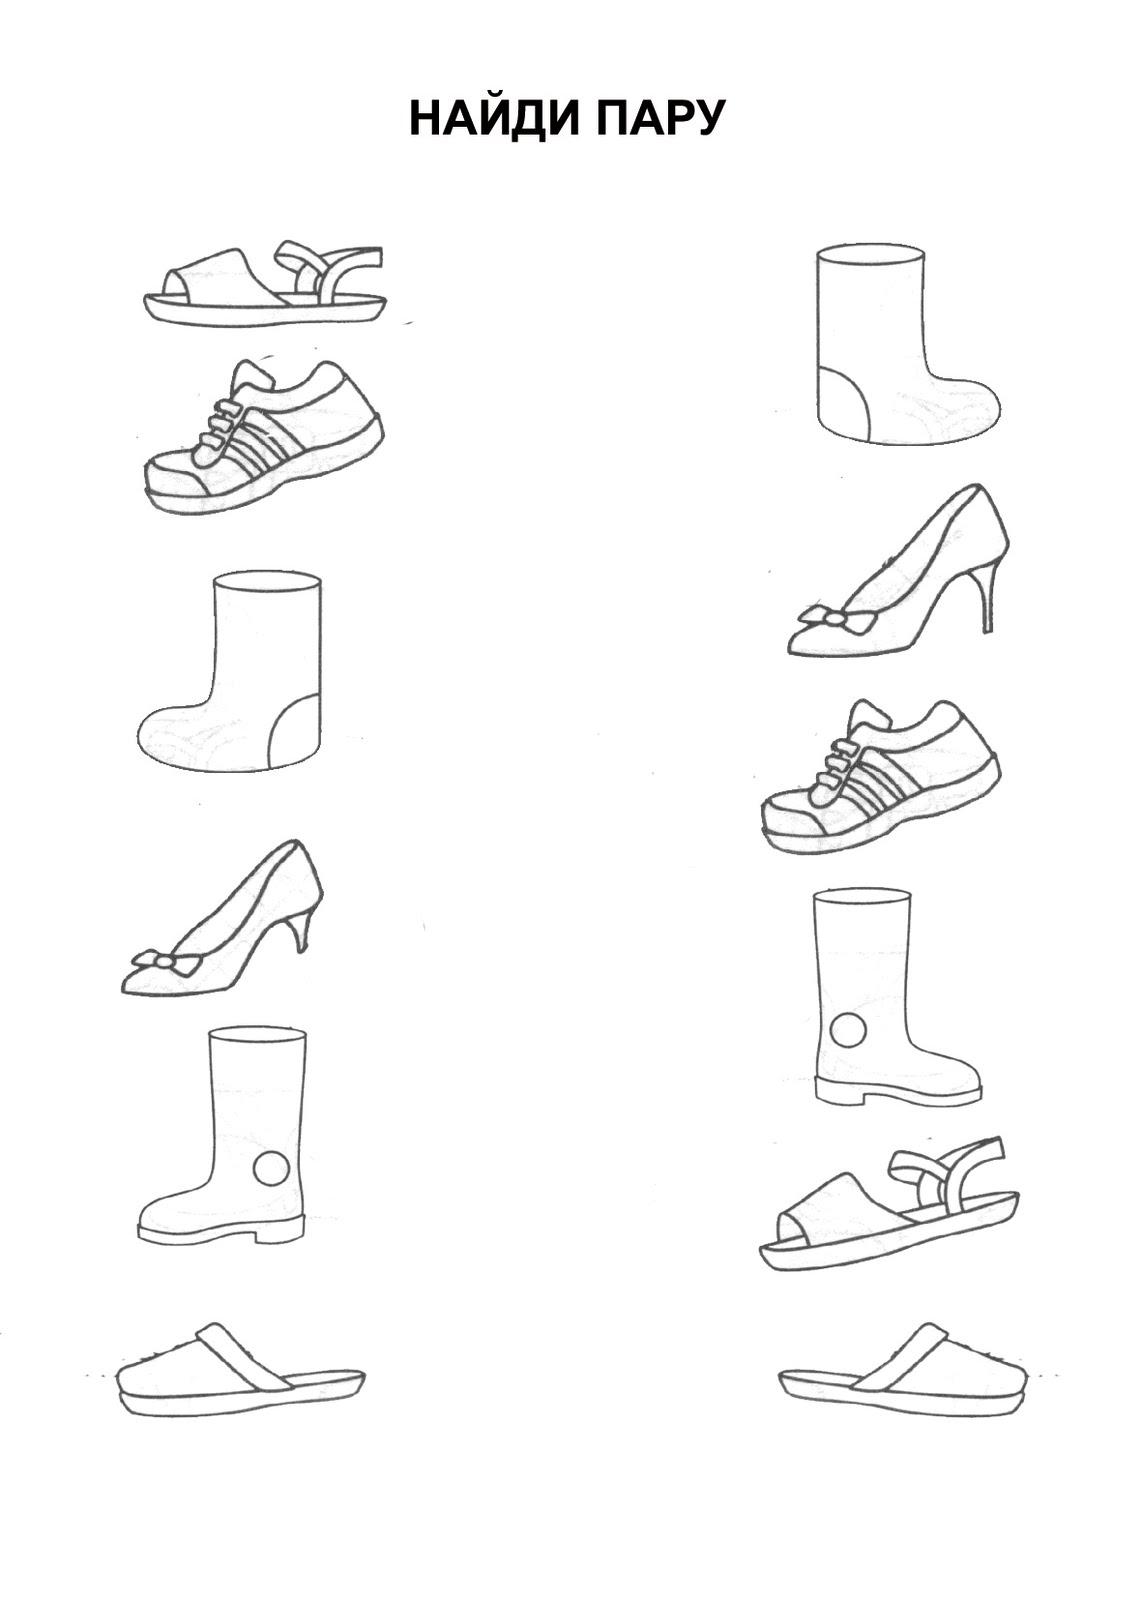 хочу тратить картинки по лексической теме одежда обувь определились